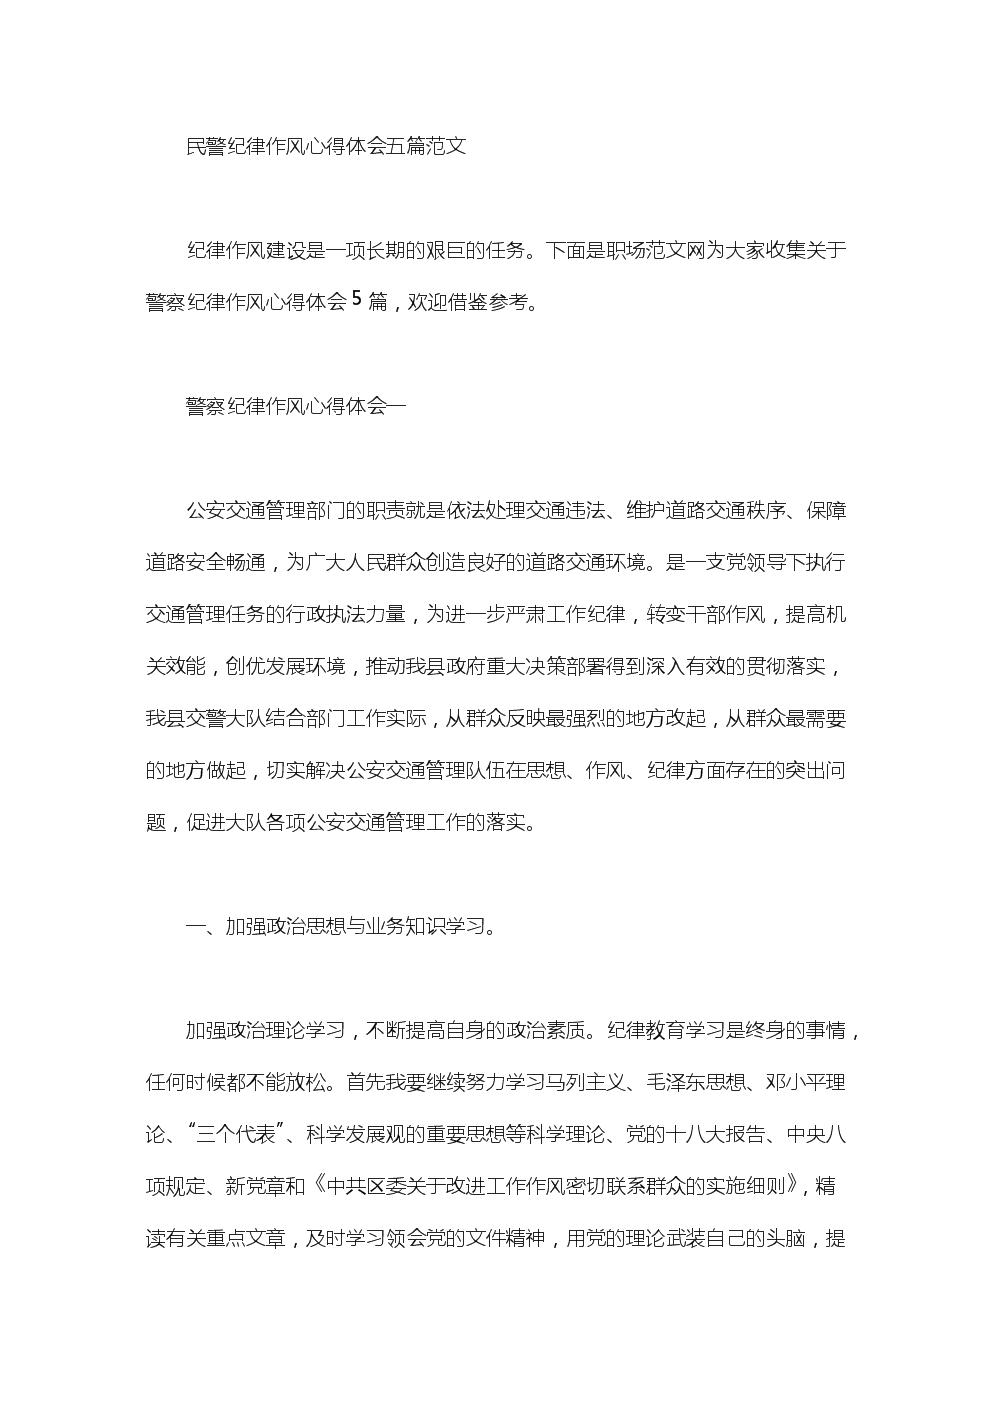 民警纪律作风心得体会五篇汇总范文.doc